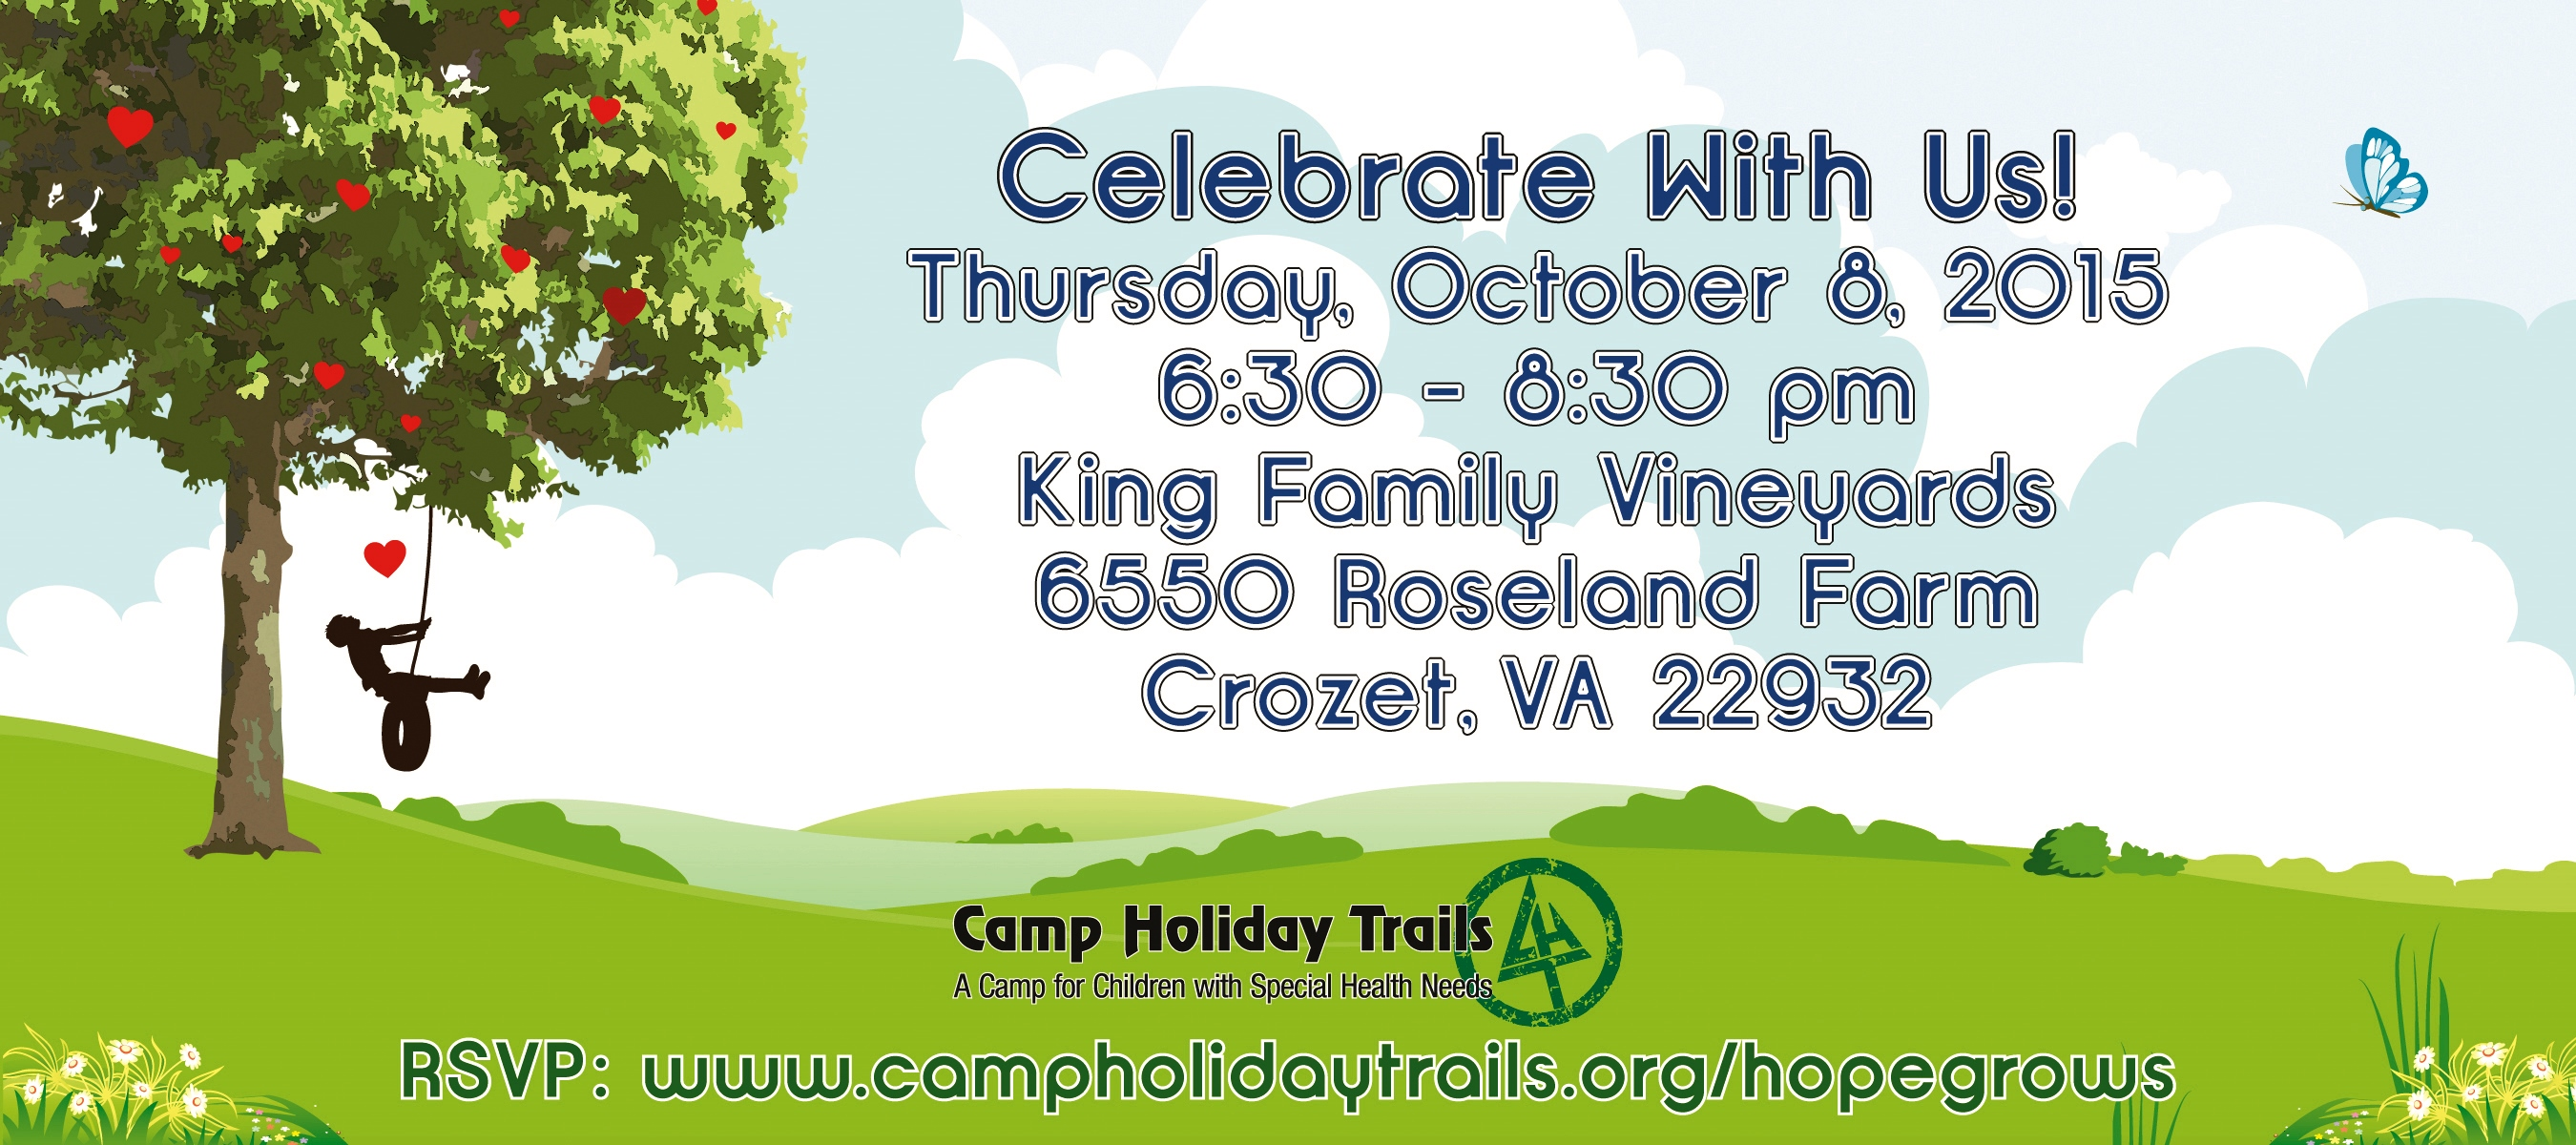 Camp Holiday Trails\' Hope Grows Celebration : Blue Ridge Life Magazine :